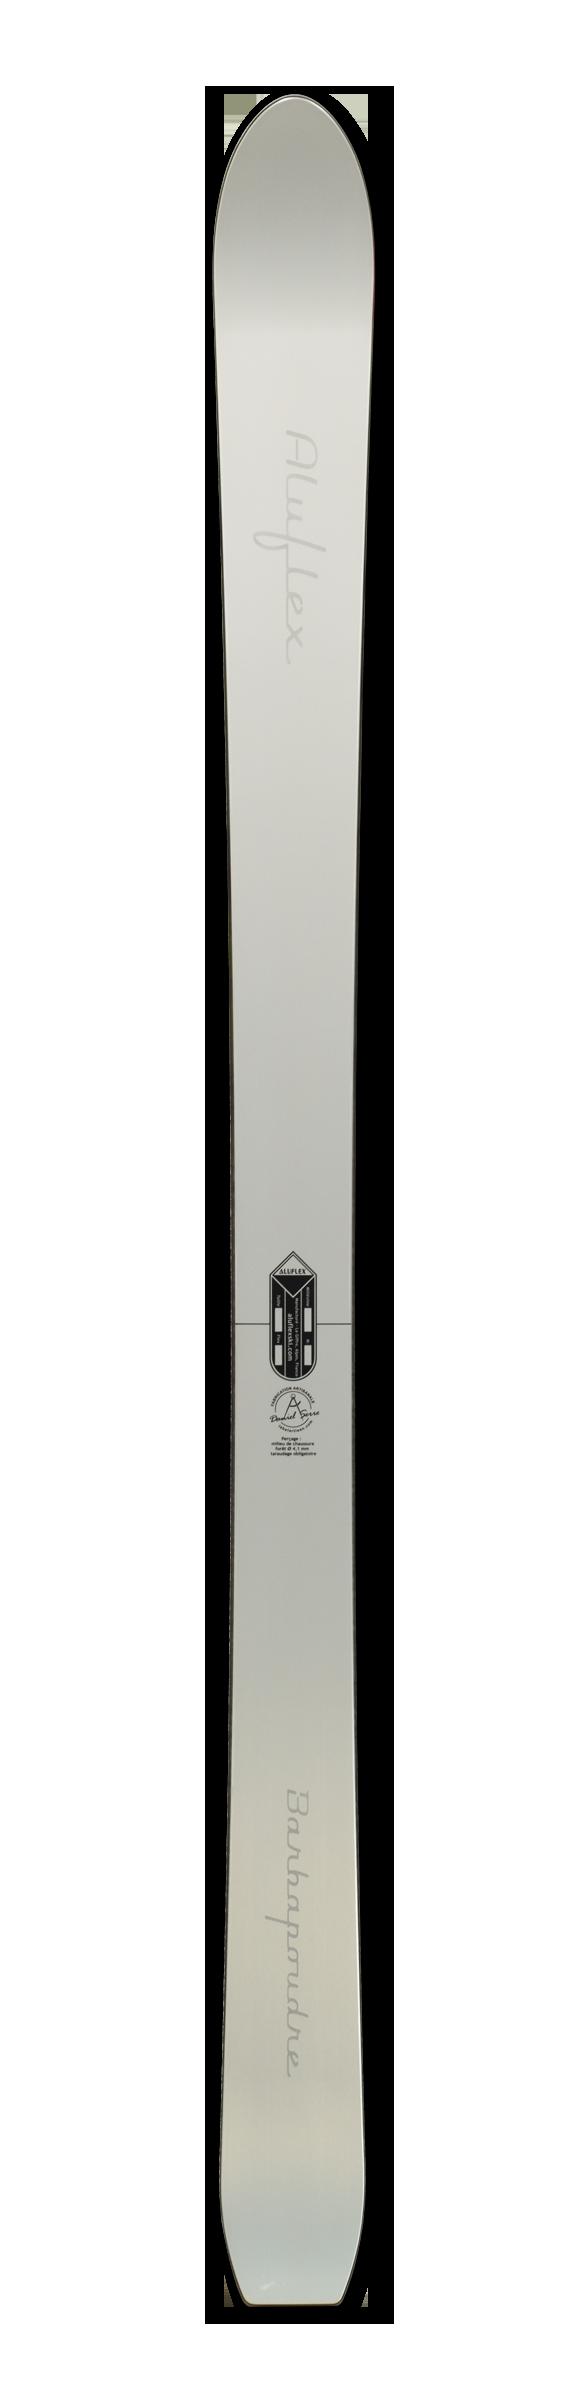 Ski Aluflex Barbapoudre 188